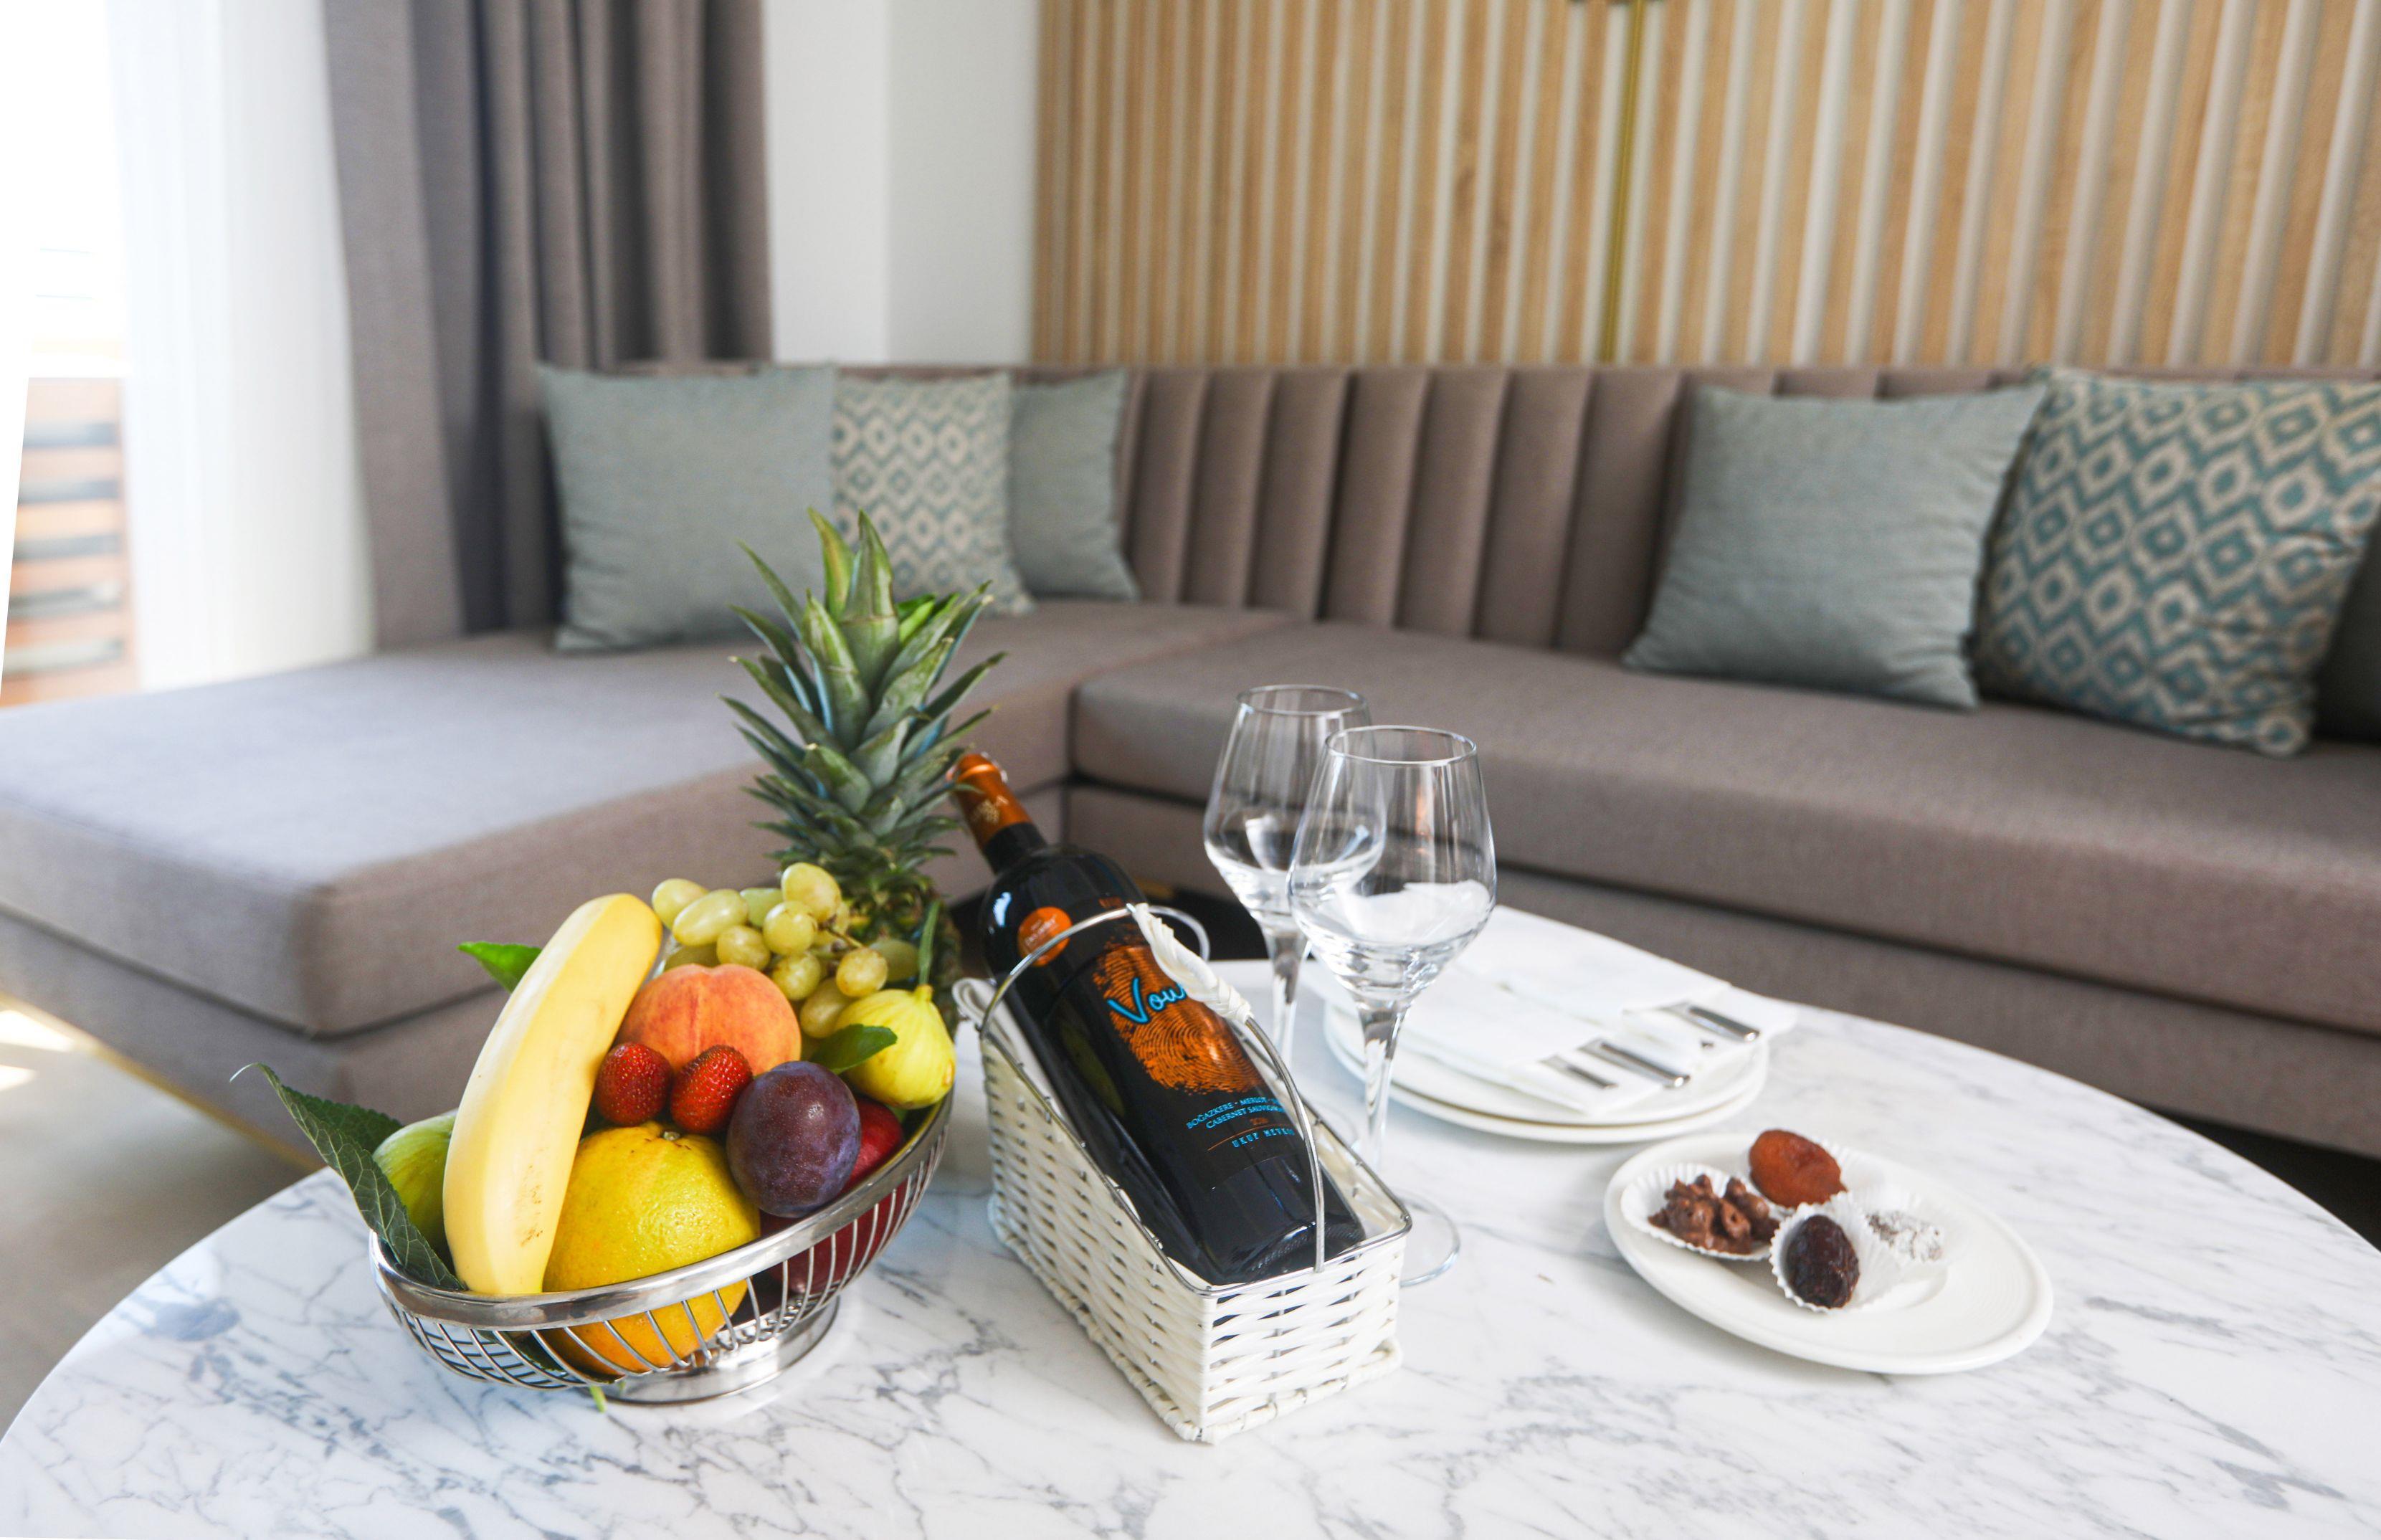 http://www.orextravel.sk/OREX/hotelphotos/miramare-queen-hotel-general-00102.jpg